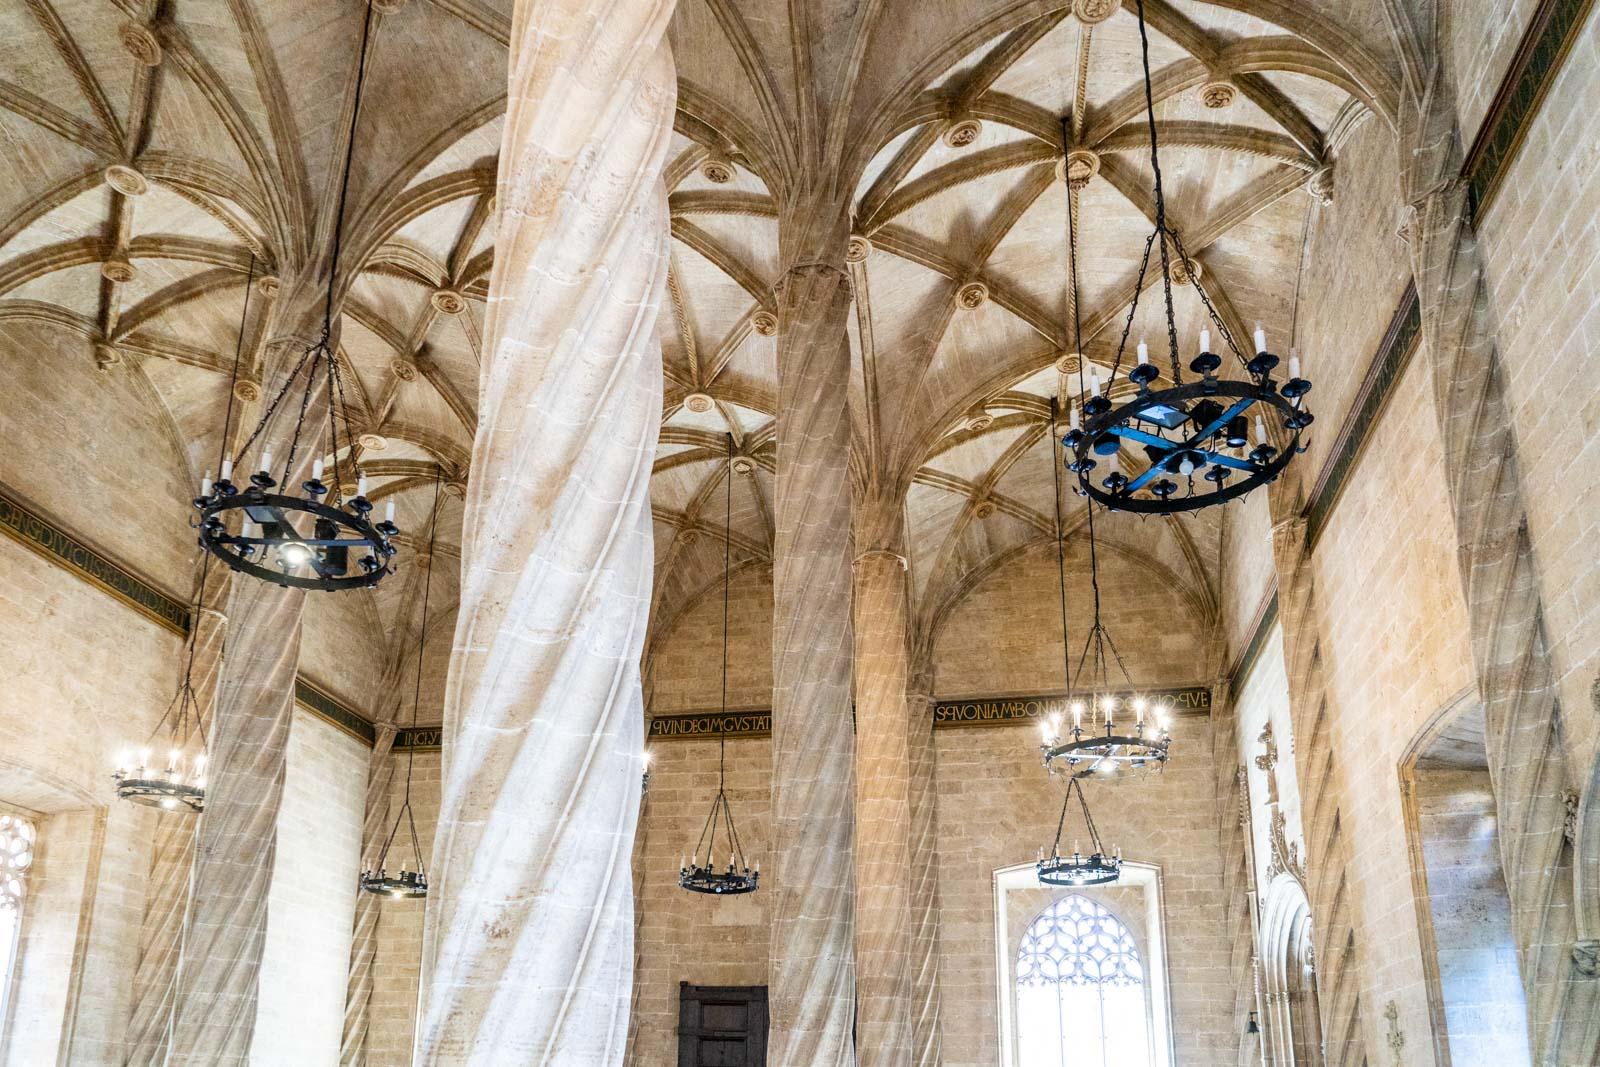 Valencia Silk Exchange (Lonja de la Seda)